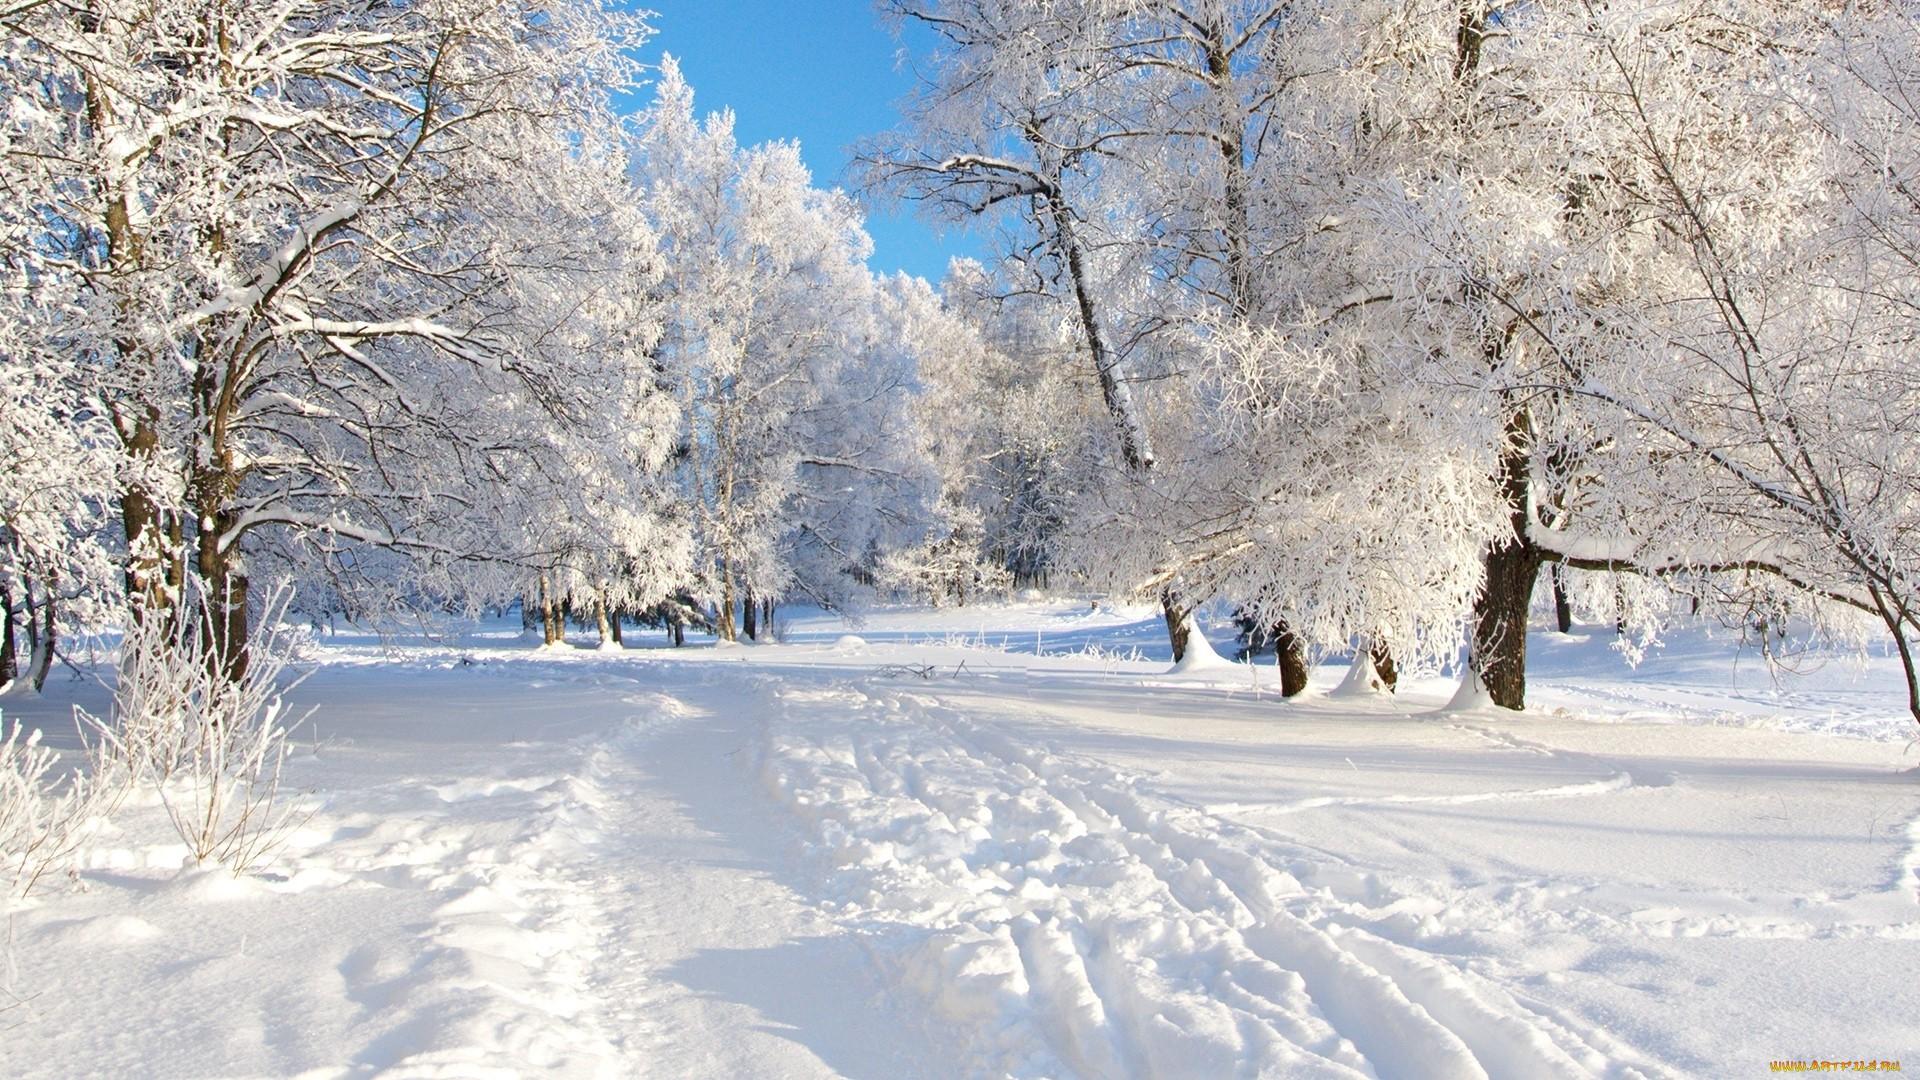 Обои зима для рабочего